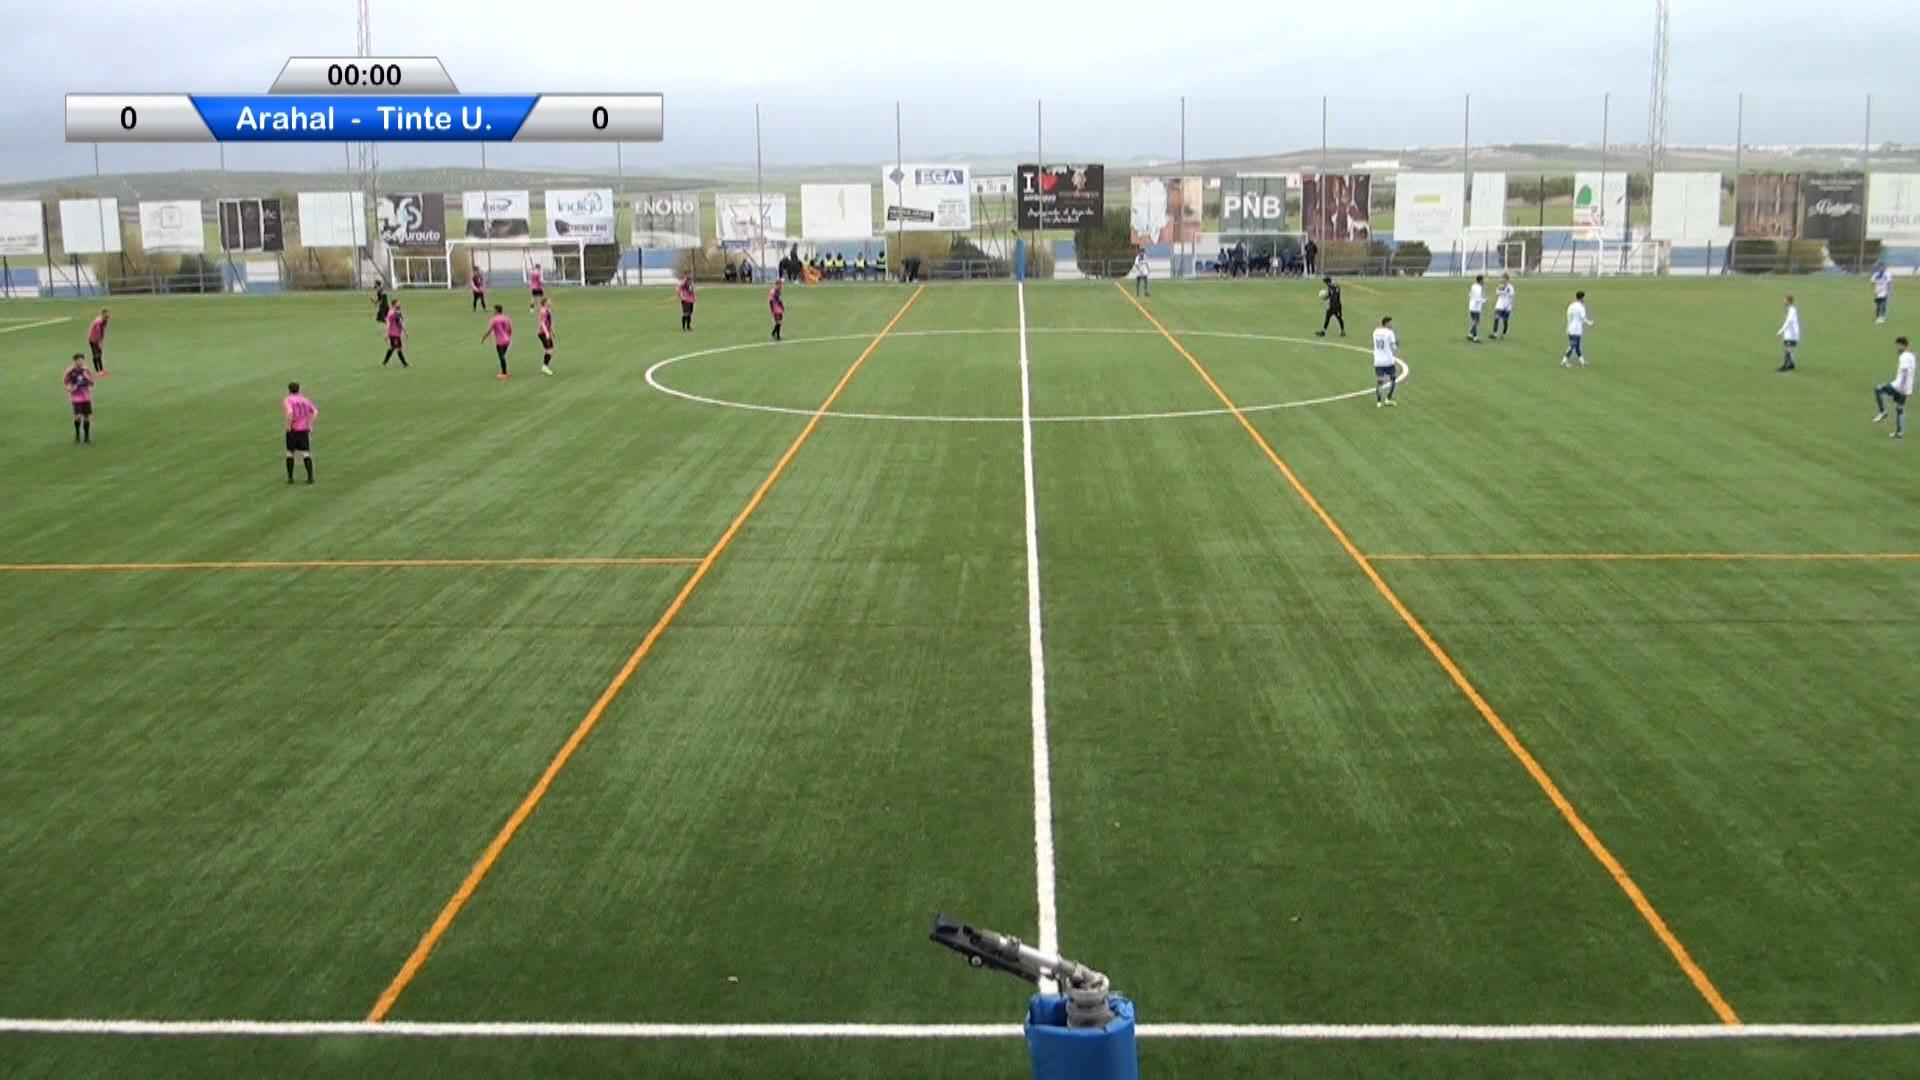 Fútbol CD Arahal vs CD Tinte de Utrera 2020